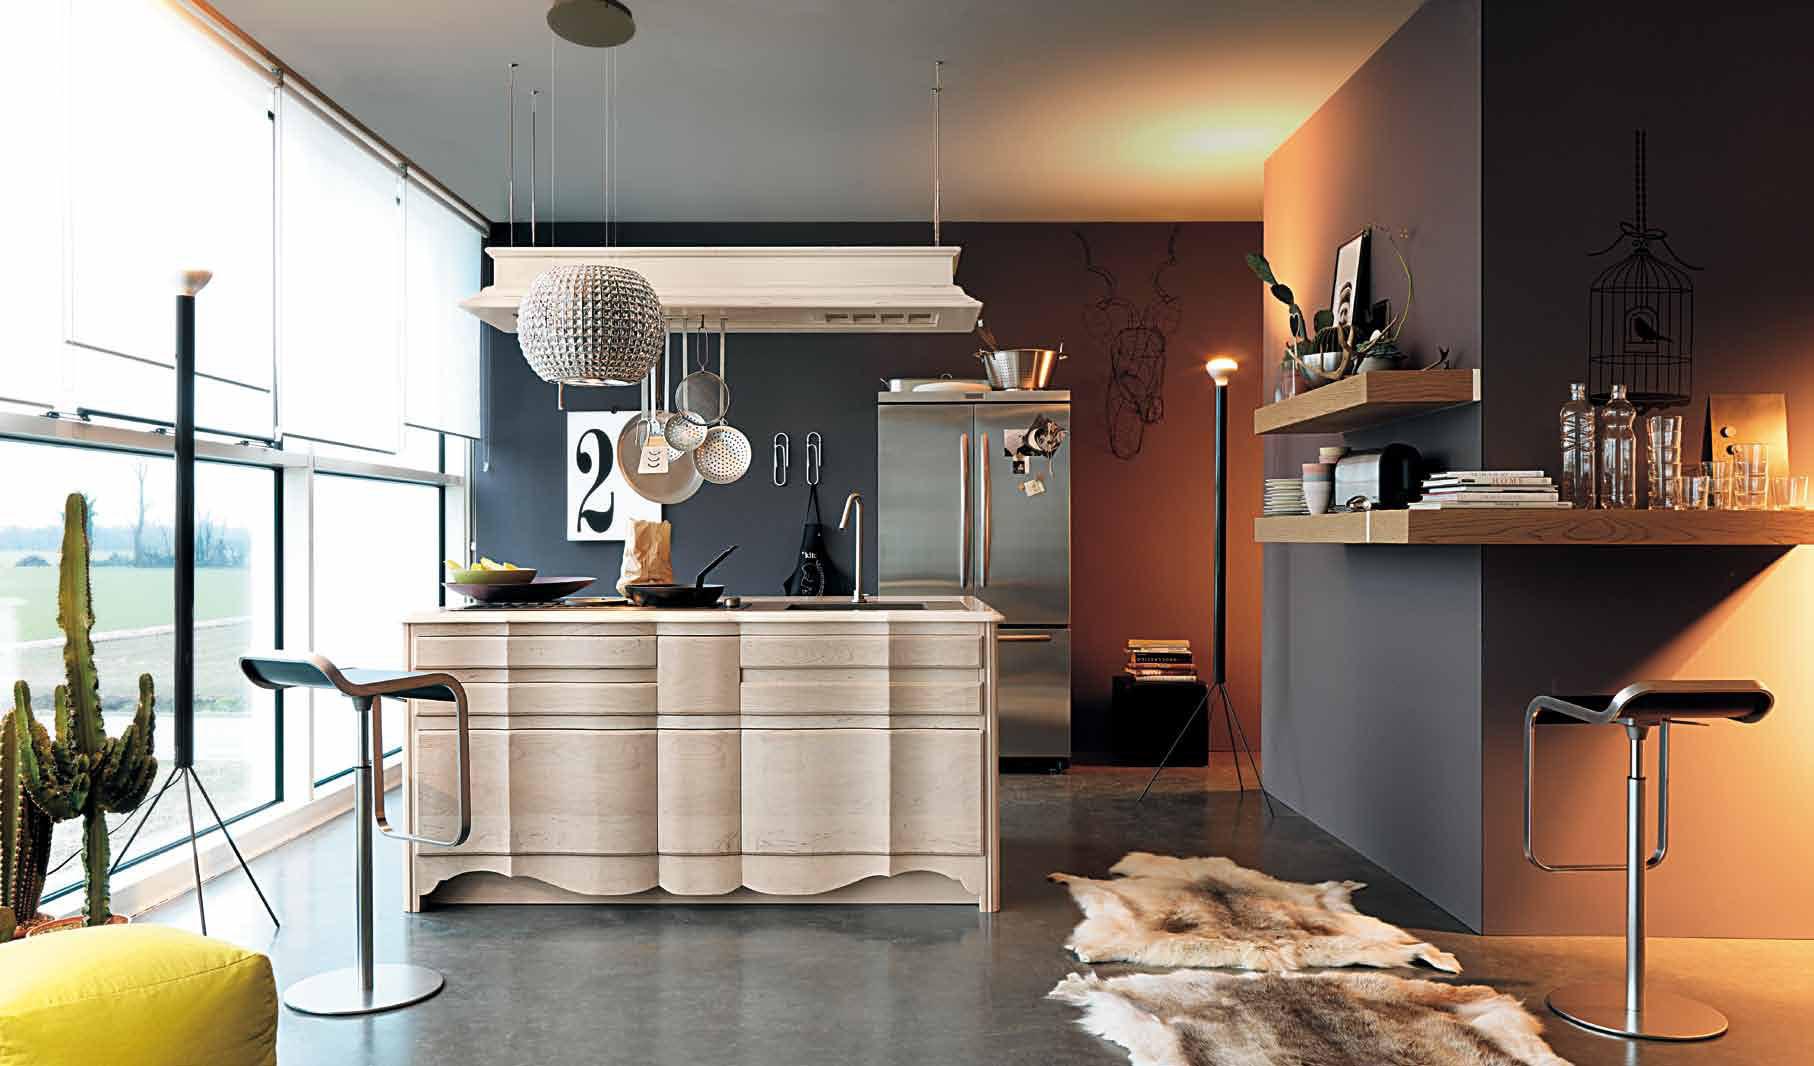 La cucina ad Isola - lineatre - kucita - gli esperti dell ...